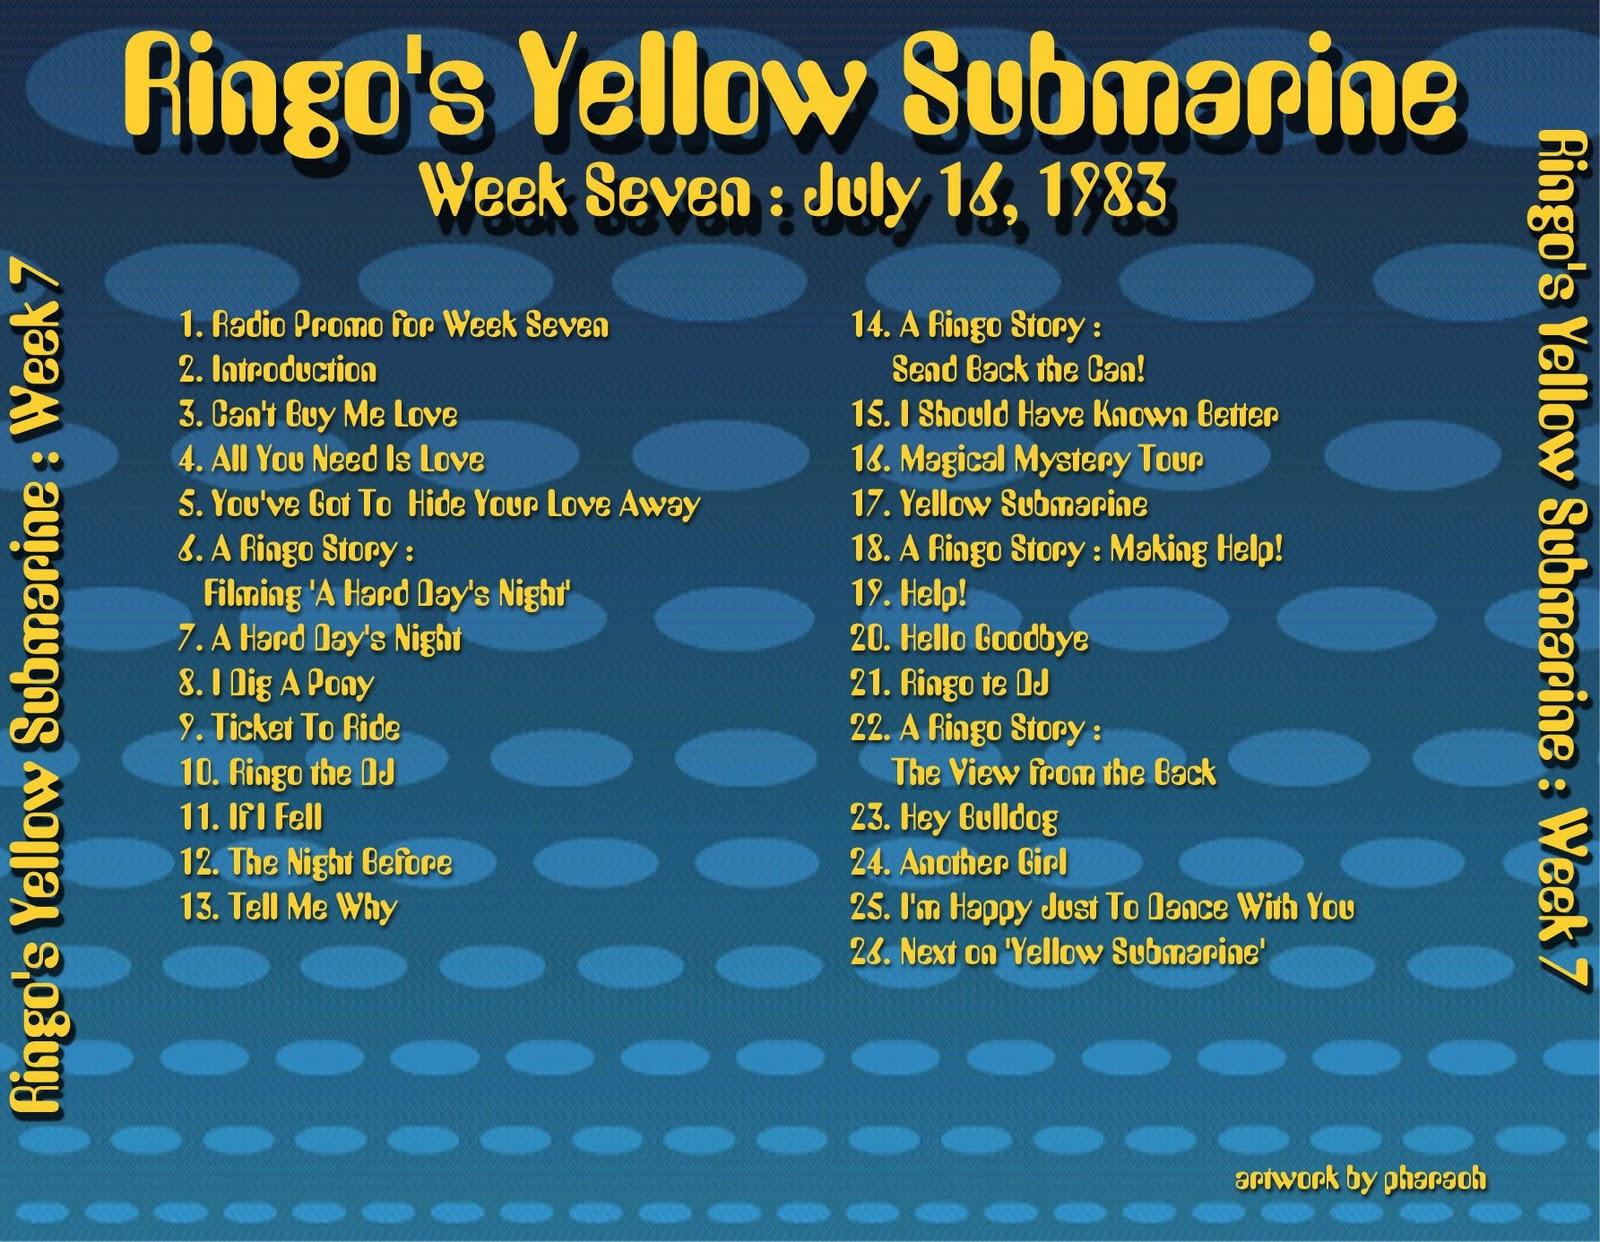 Beatles Radio Waves: 1983 07 16 Ringo's Yellow Submarine 07 #B89B13 1600 1242